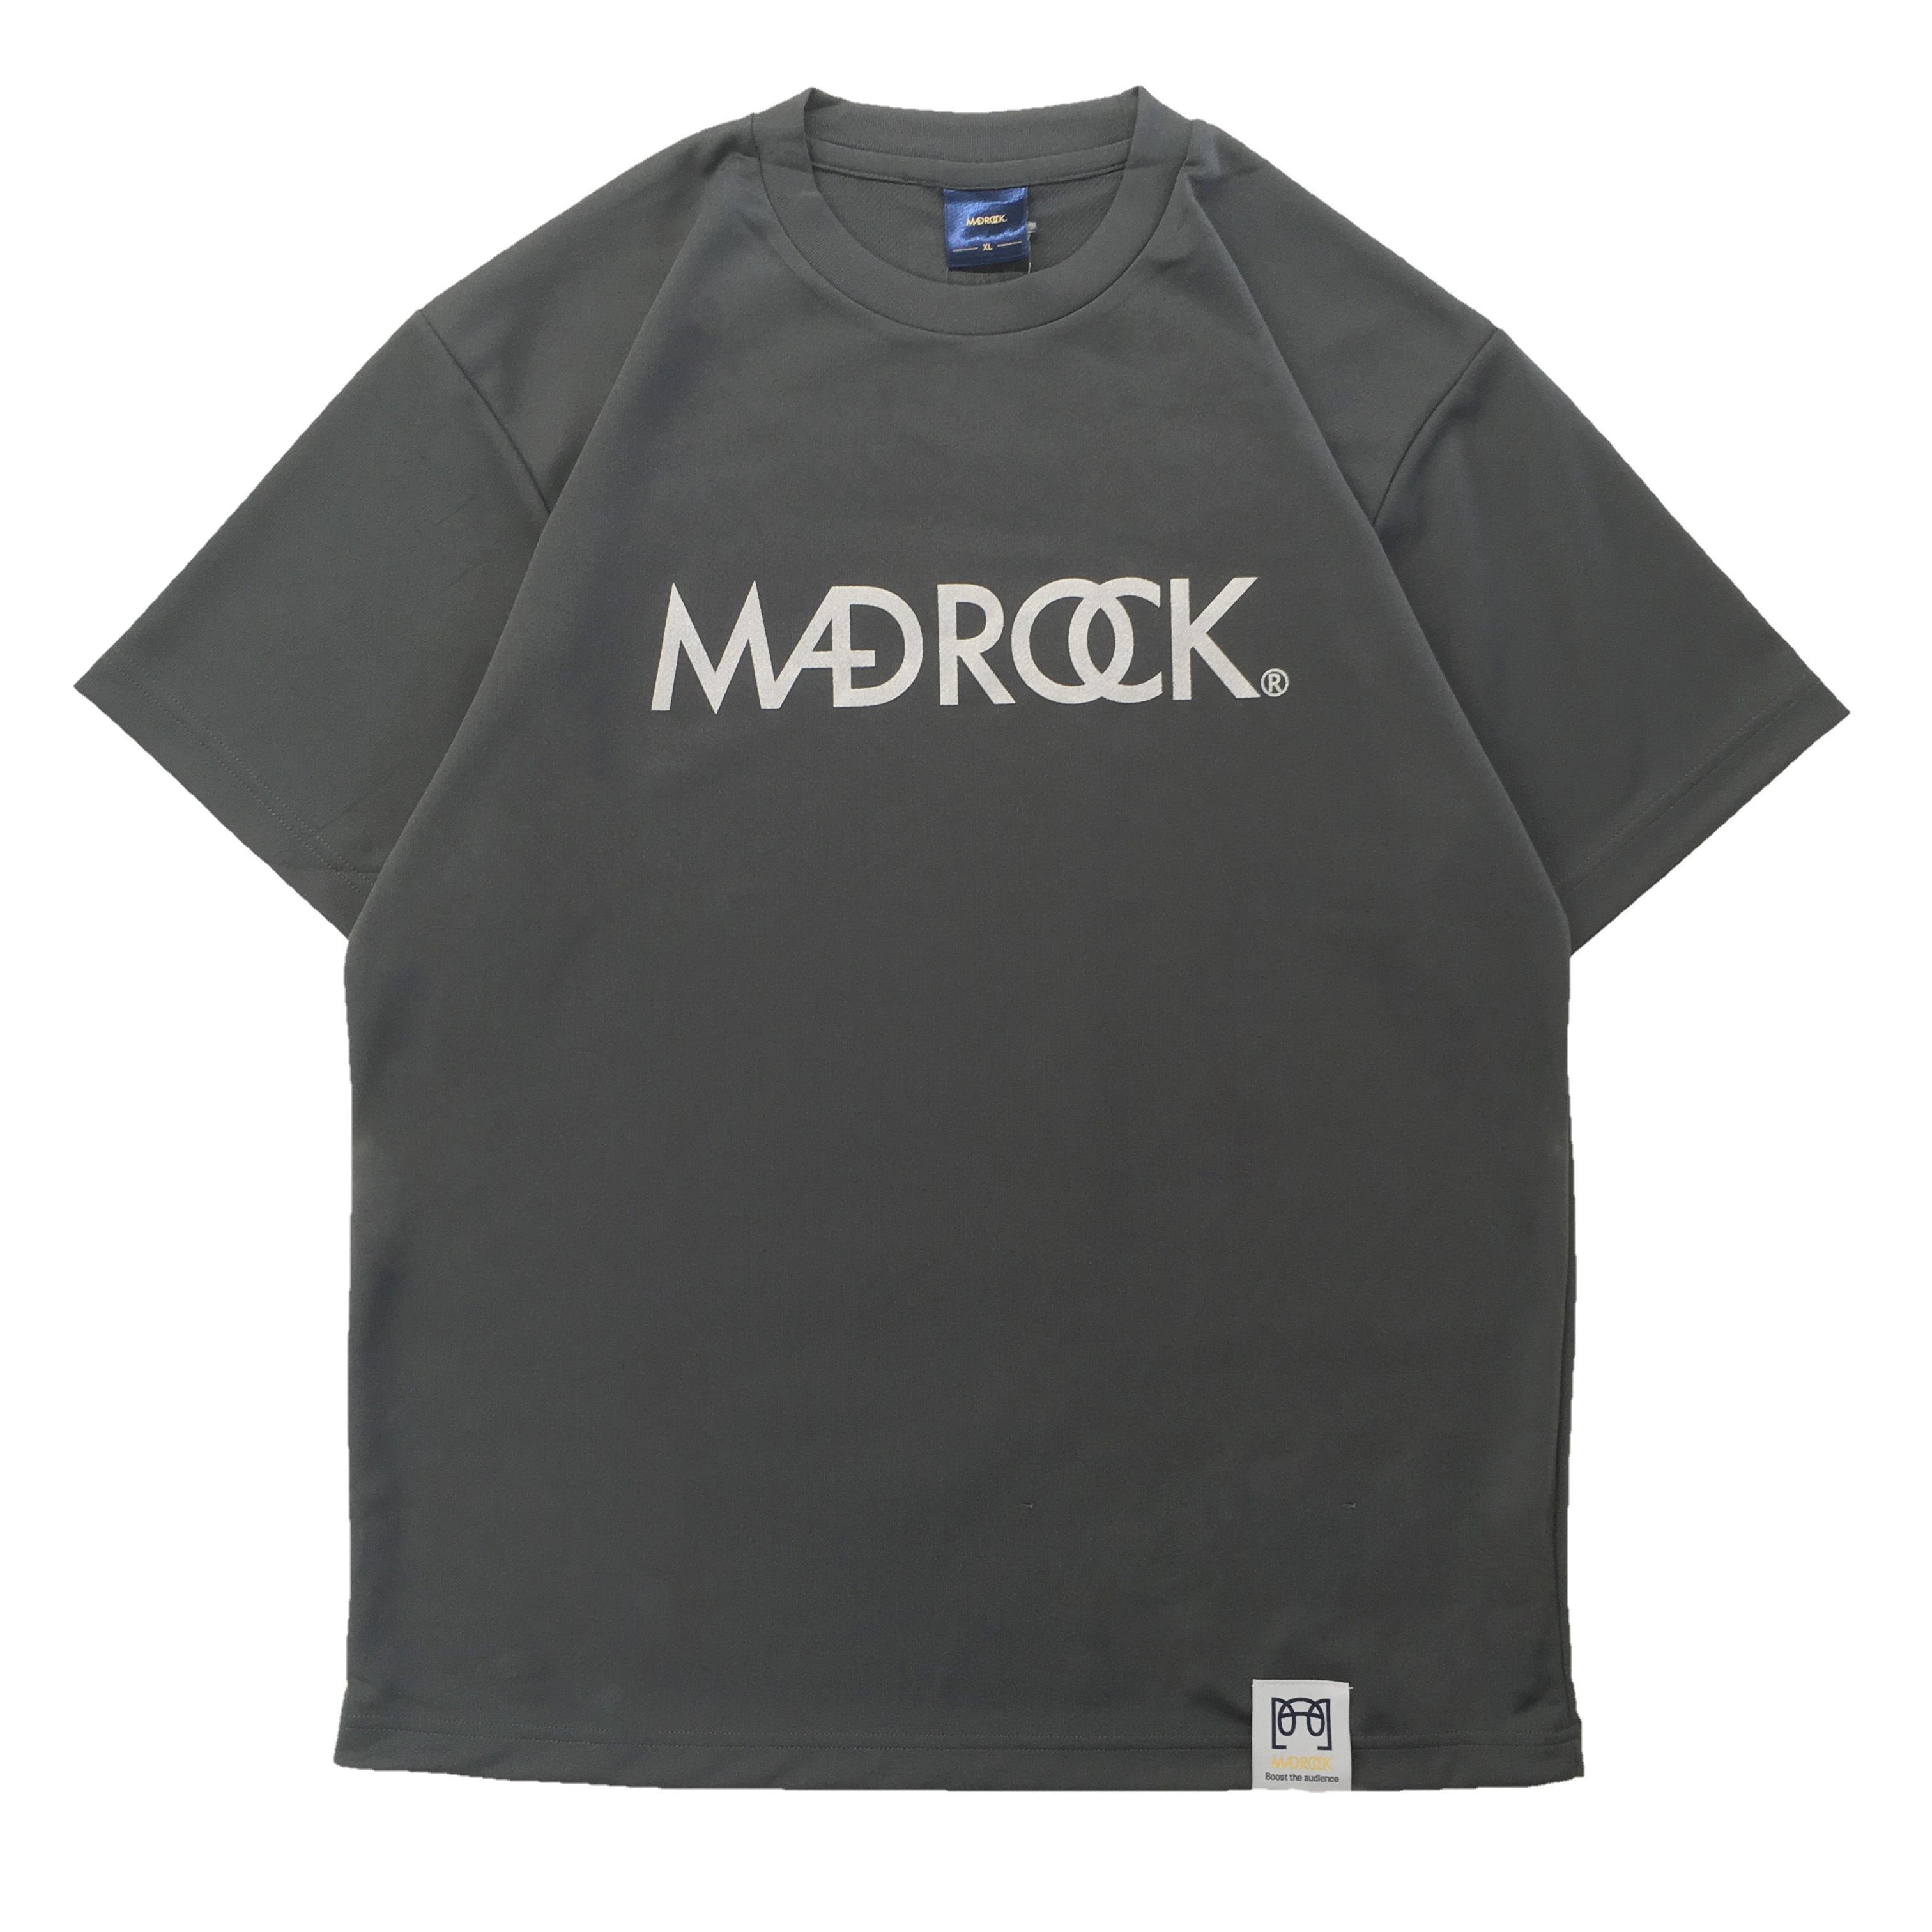 【新作/オンラインストア限定】マッドロックロゴ Tシャツ / ドライタイプ / ダークグレー & シルバー